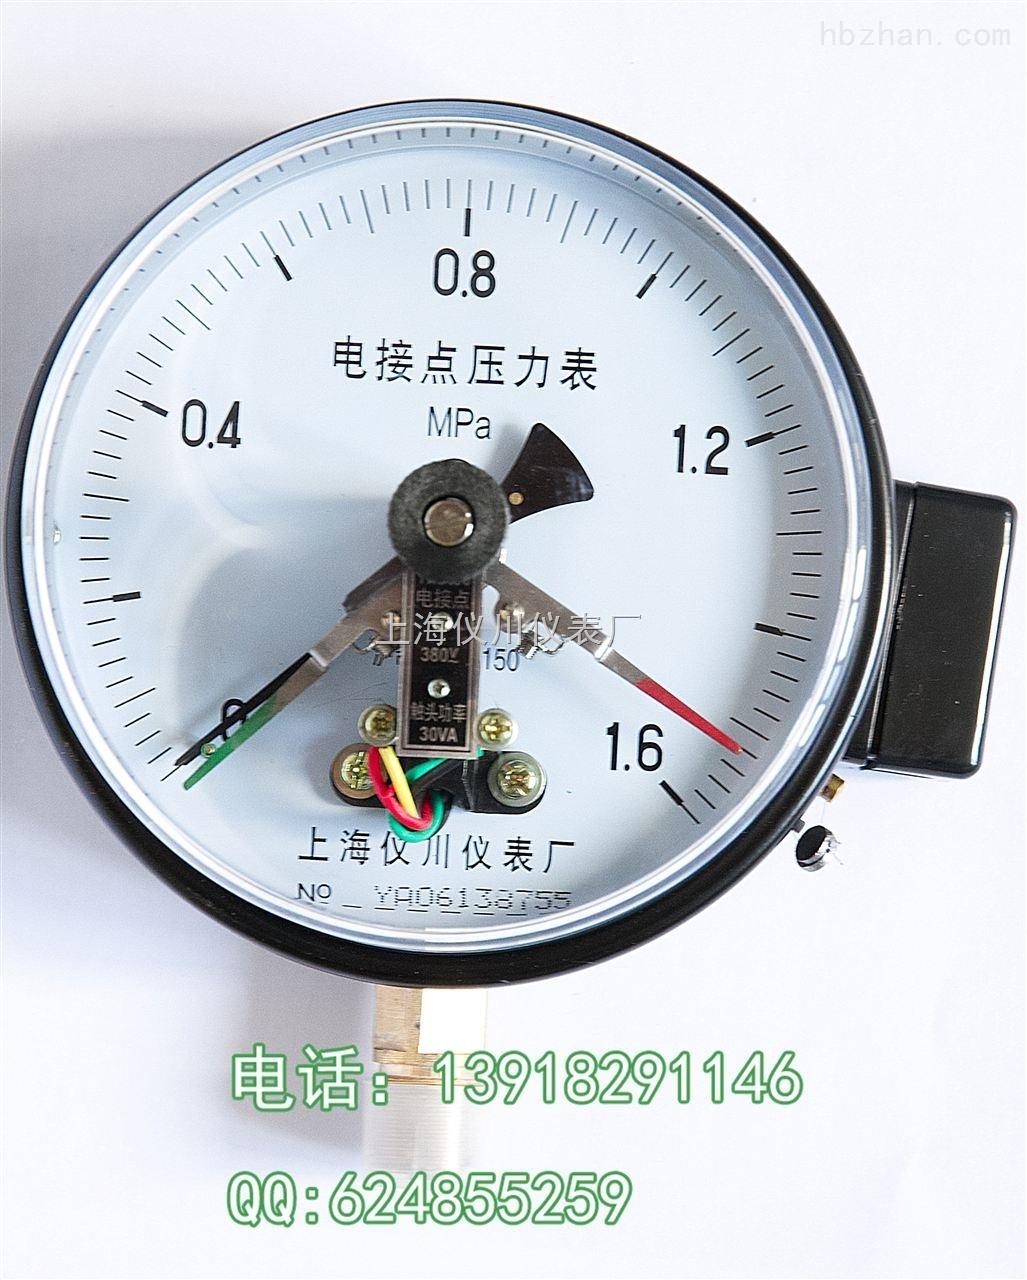 yxc-150-磁助电接点压力表-上海仪川仪表厂